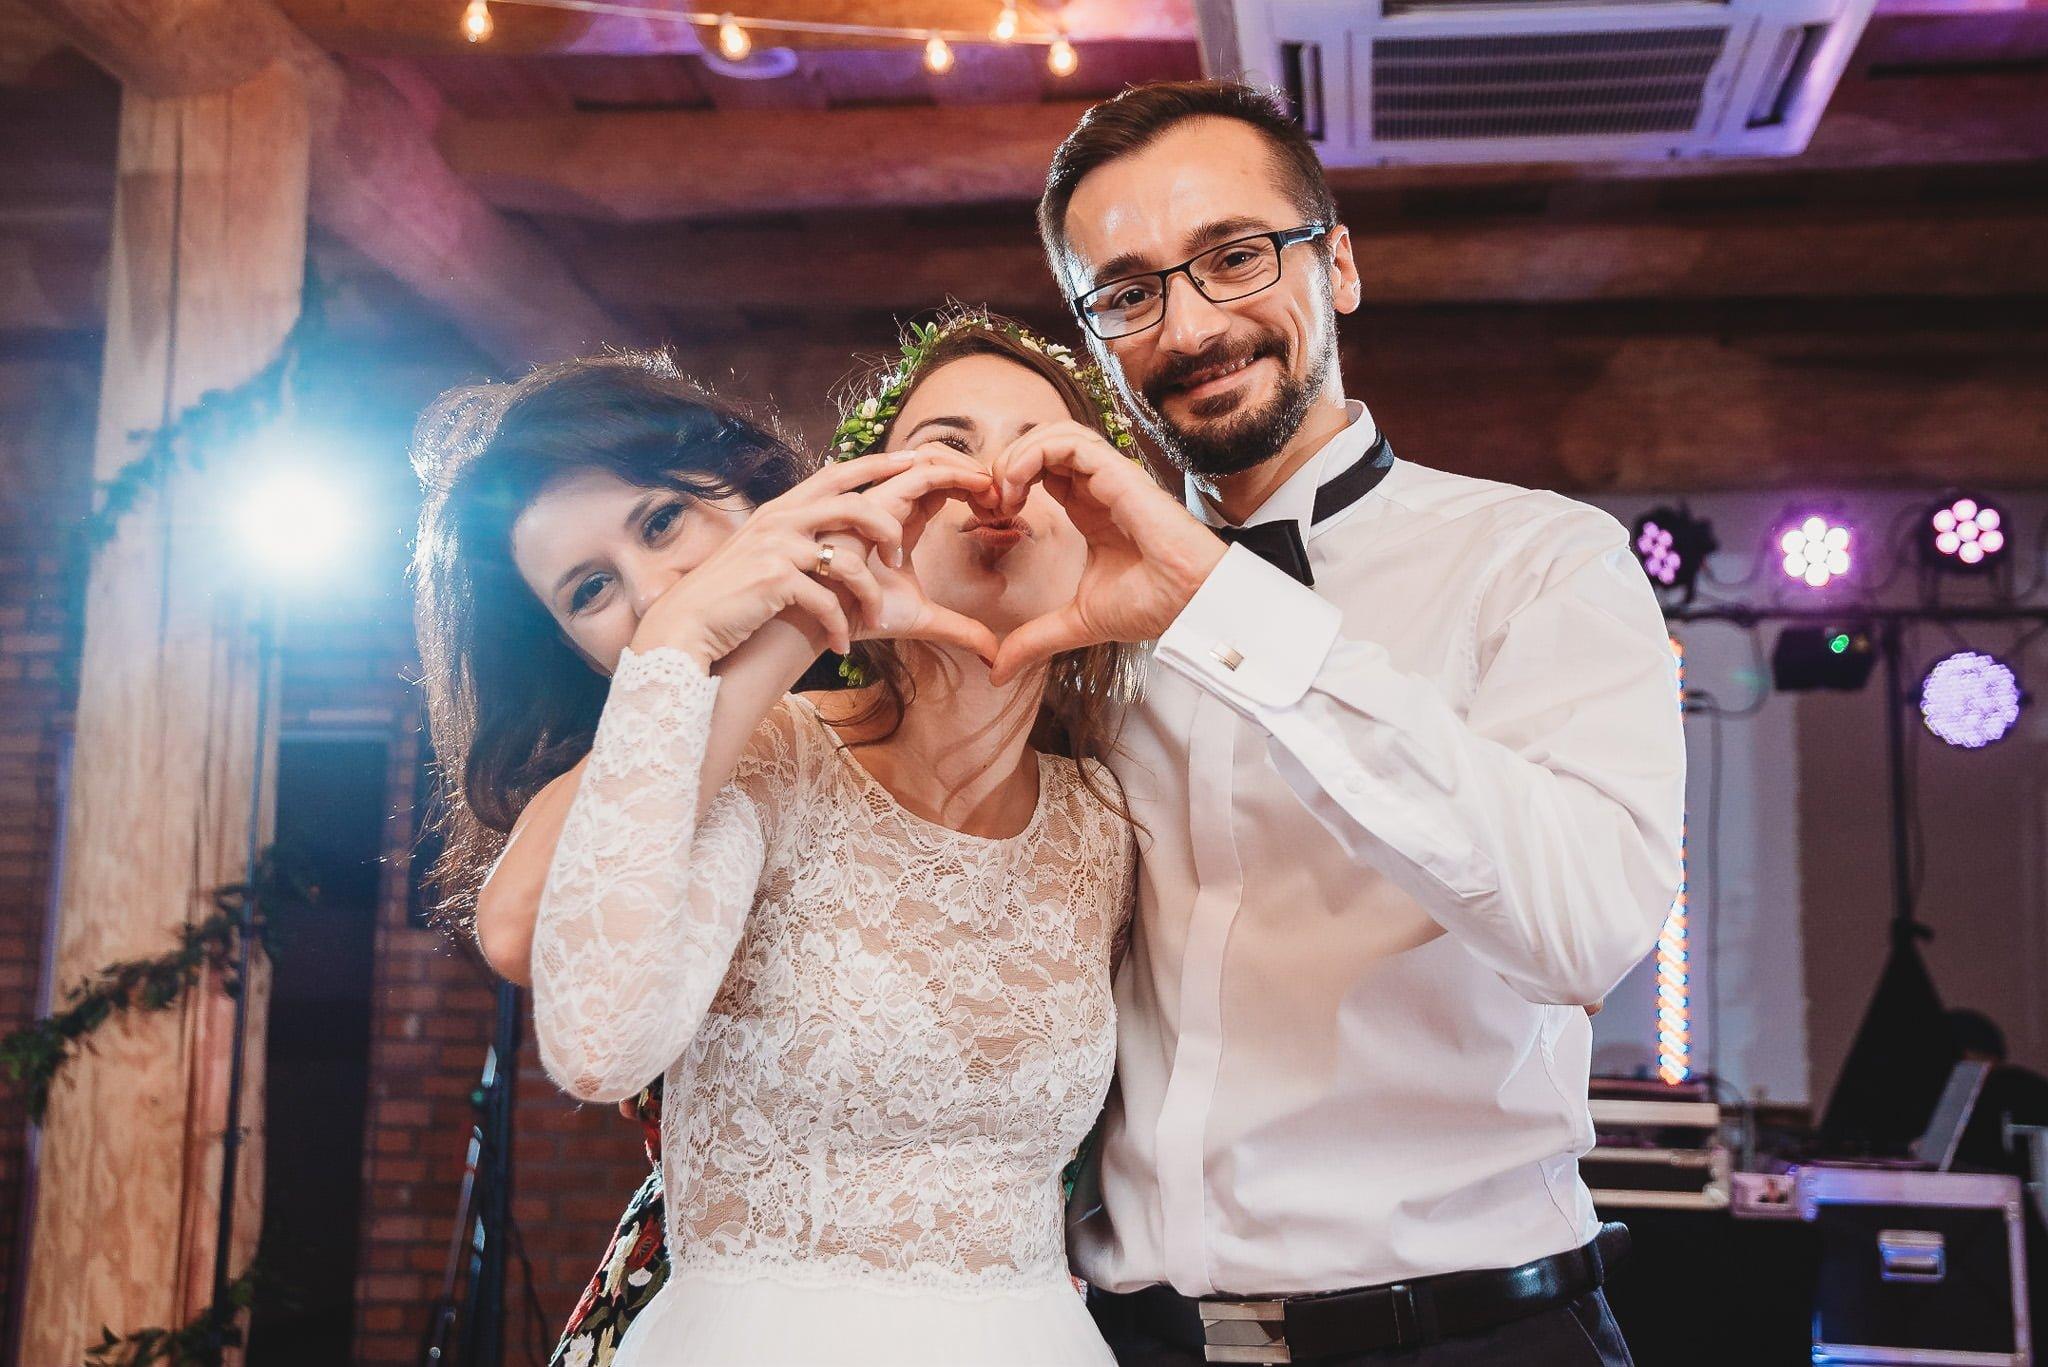 Fantastyczny ślub w stylu rustykalnym, wesele w Kapitańskiej  fotograf ślubny Konin 412